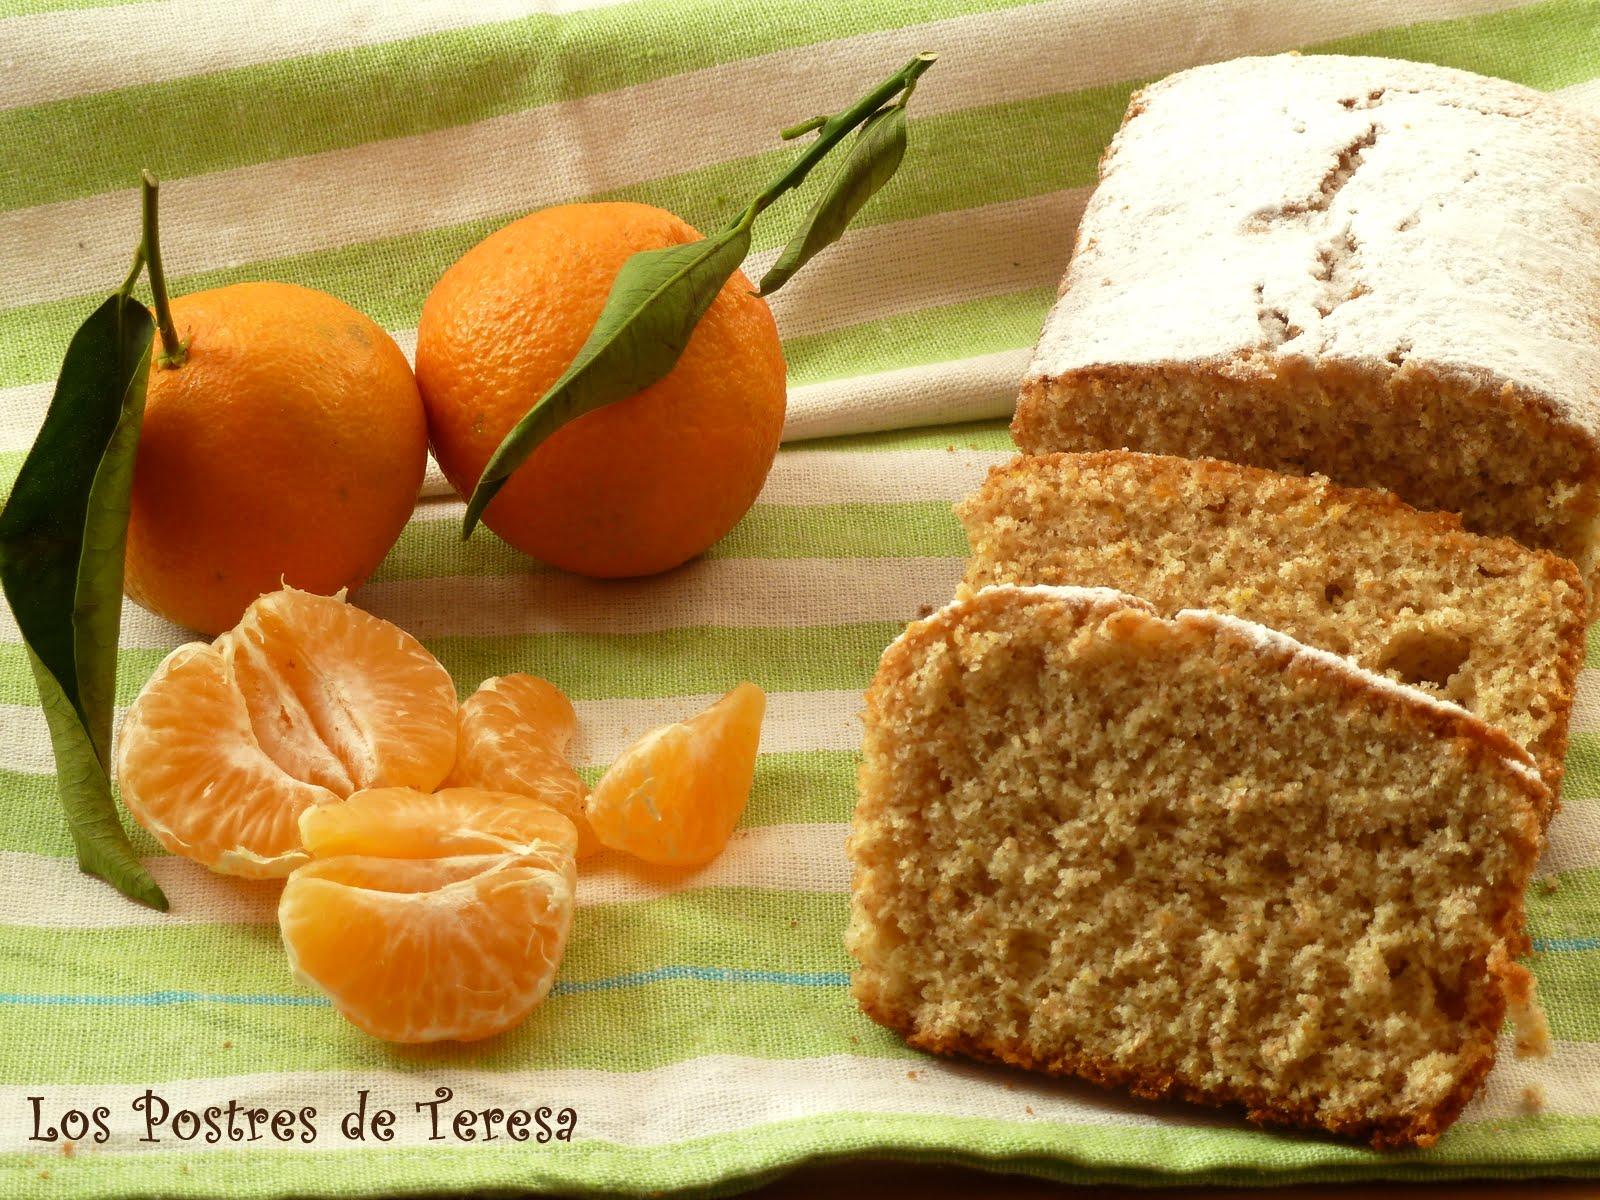 Los postres de teresa bizcocho integral de mandarina - Postre con mandarinas ...